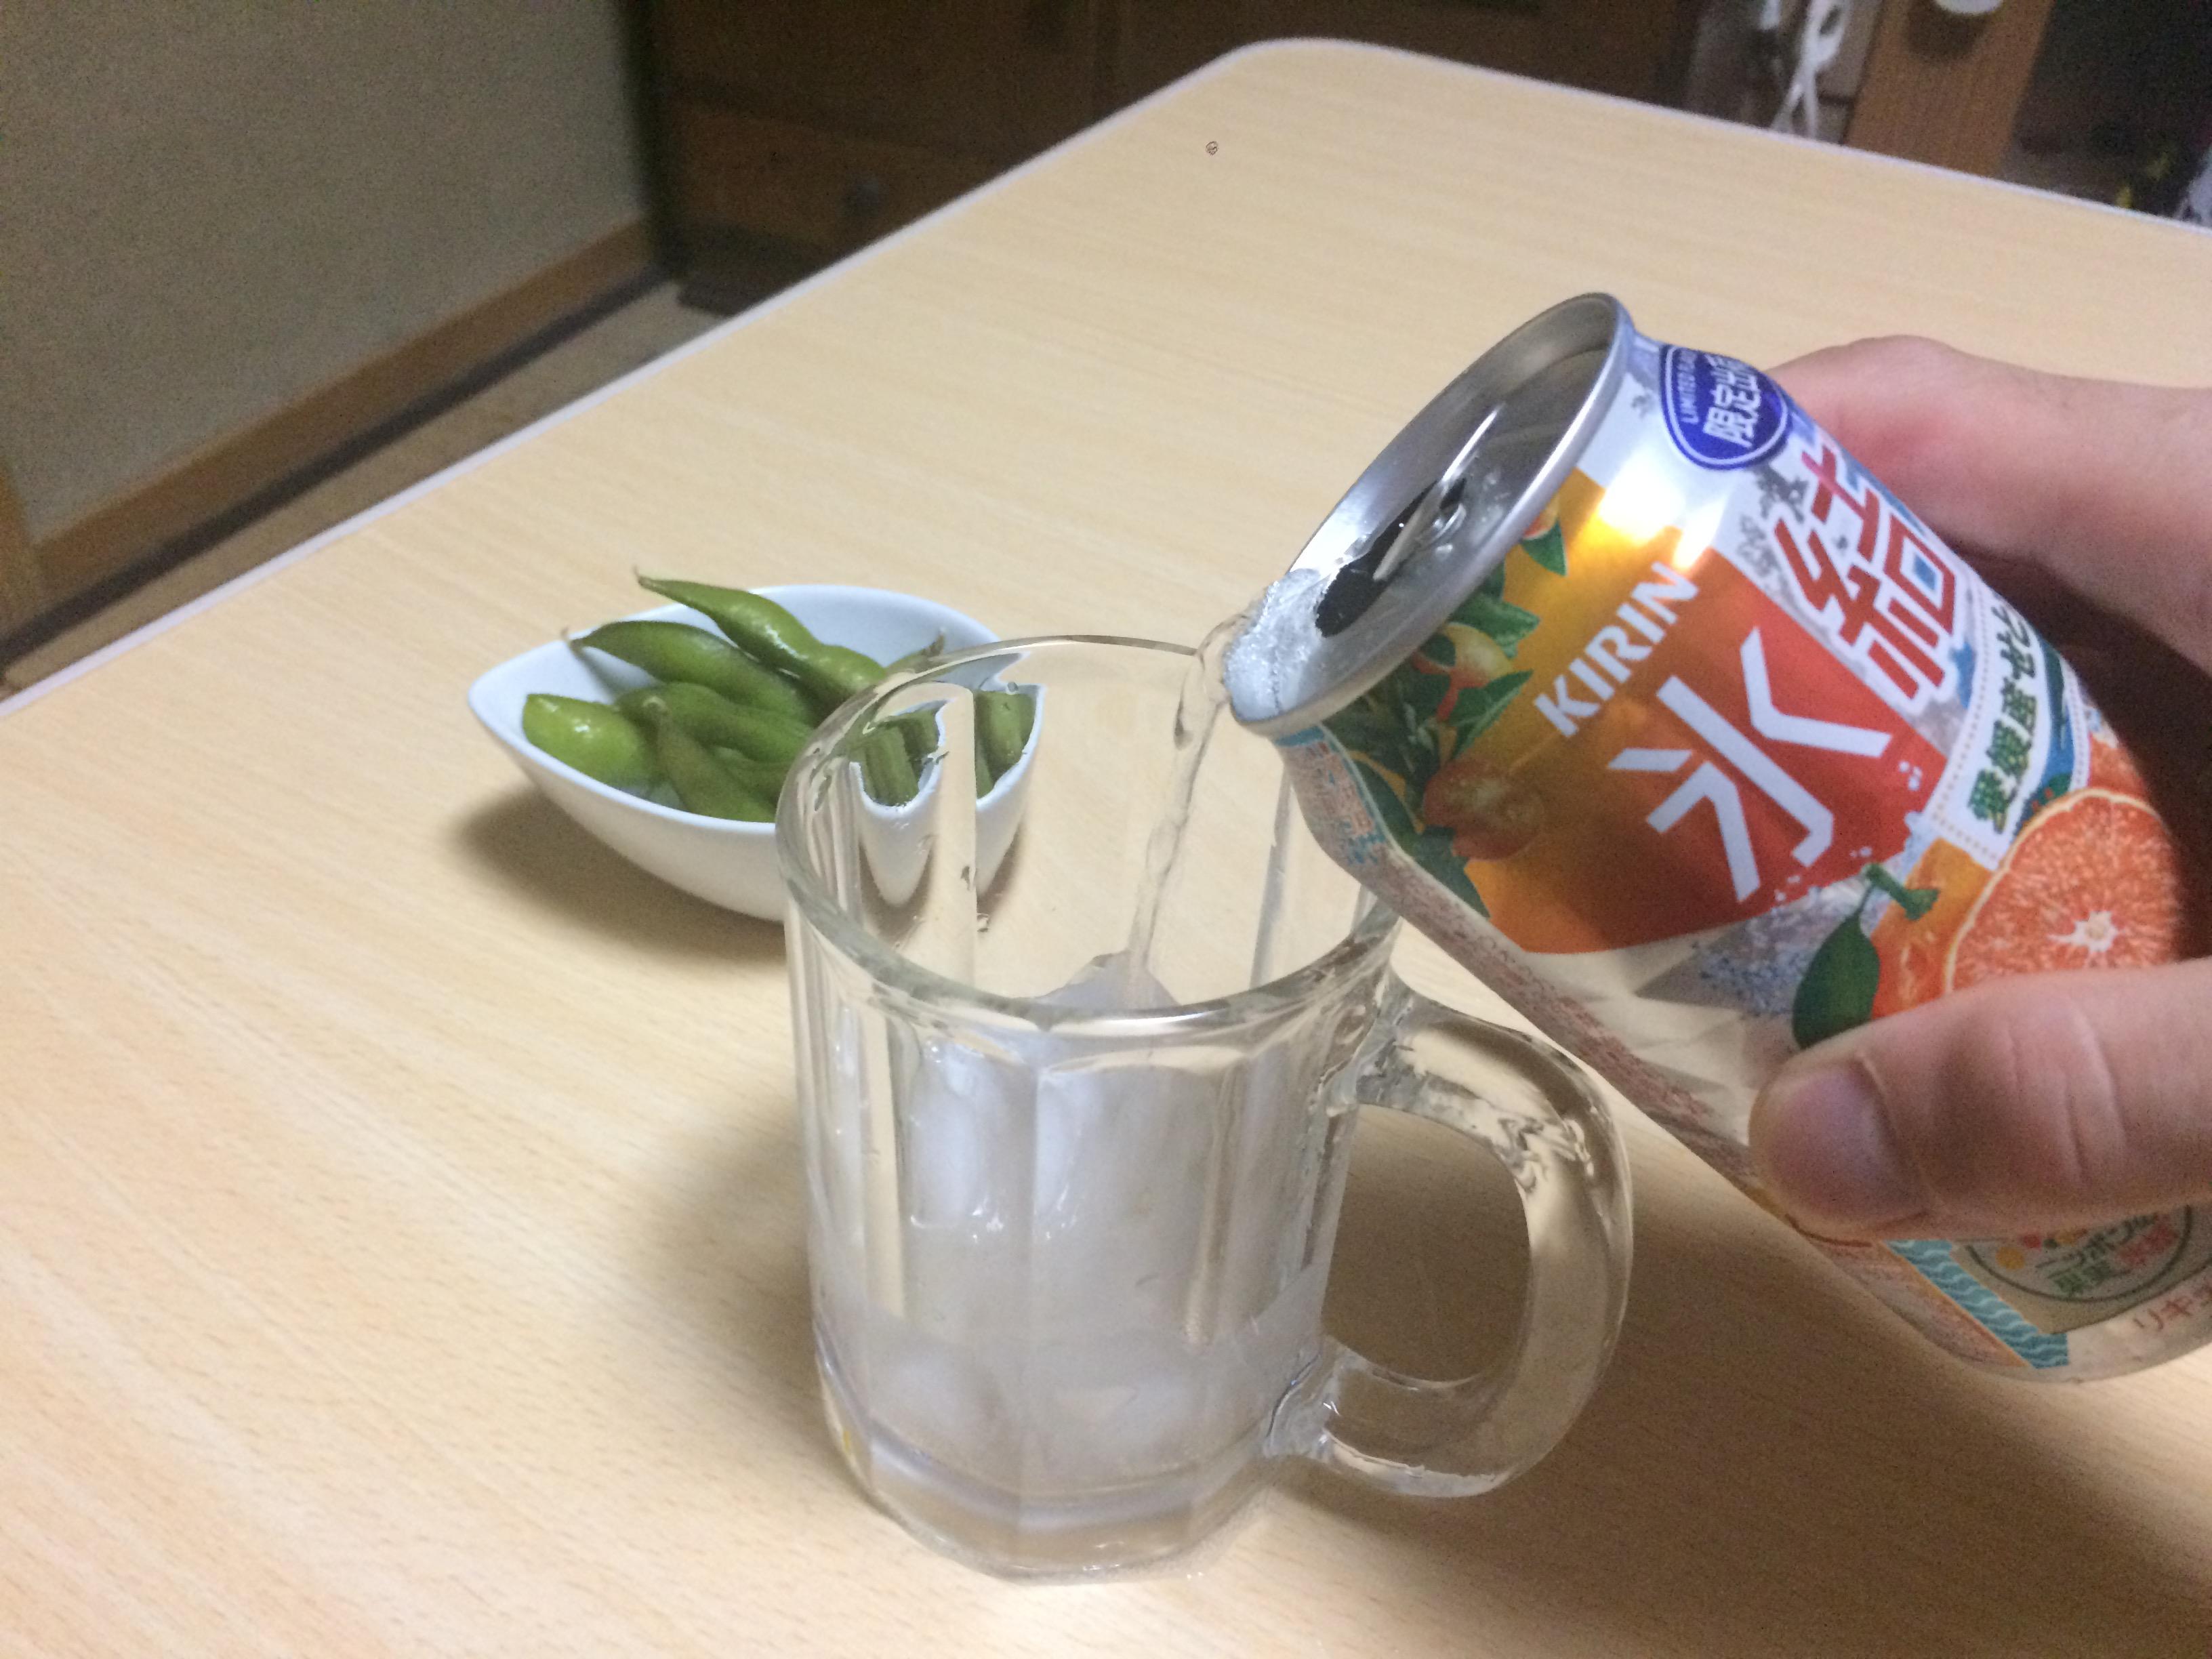 【限定出荷】キリン「氷結」に「愛媛産せとか」が発売!キンキンに冷やして飲んだ感想をご紹介します!